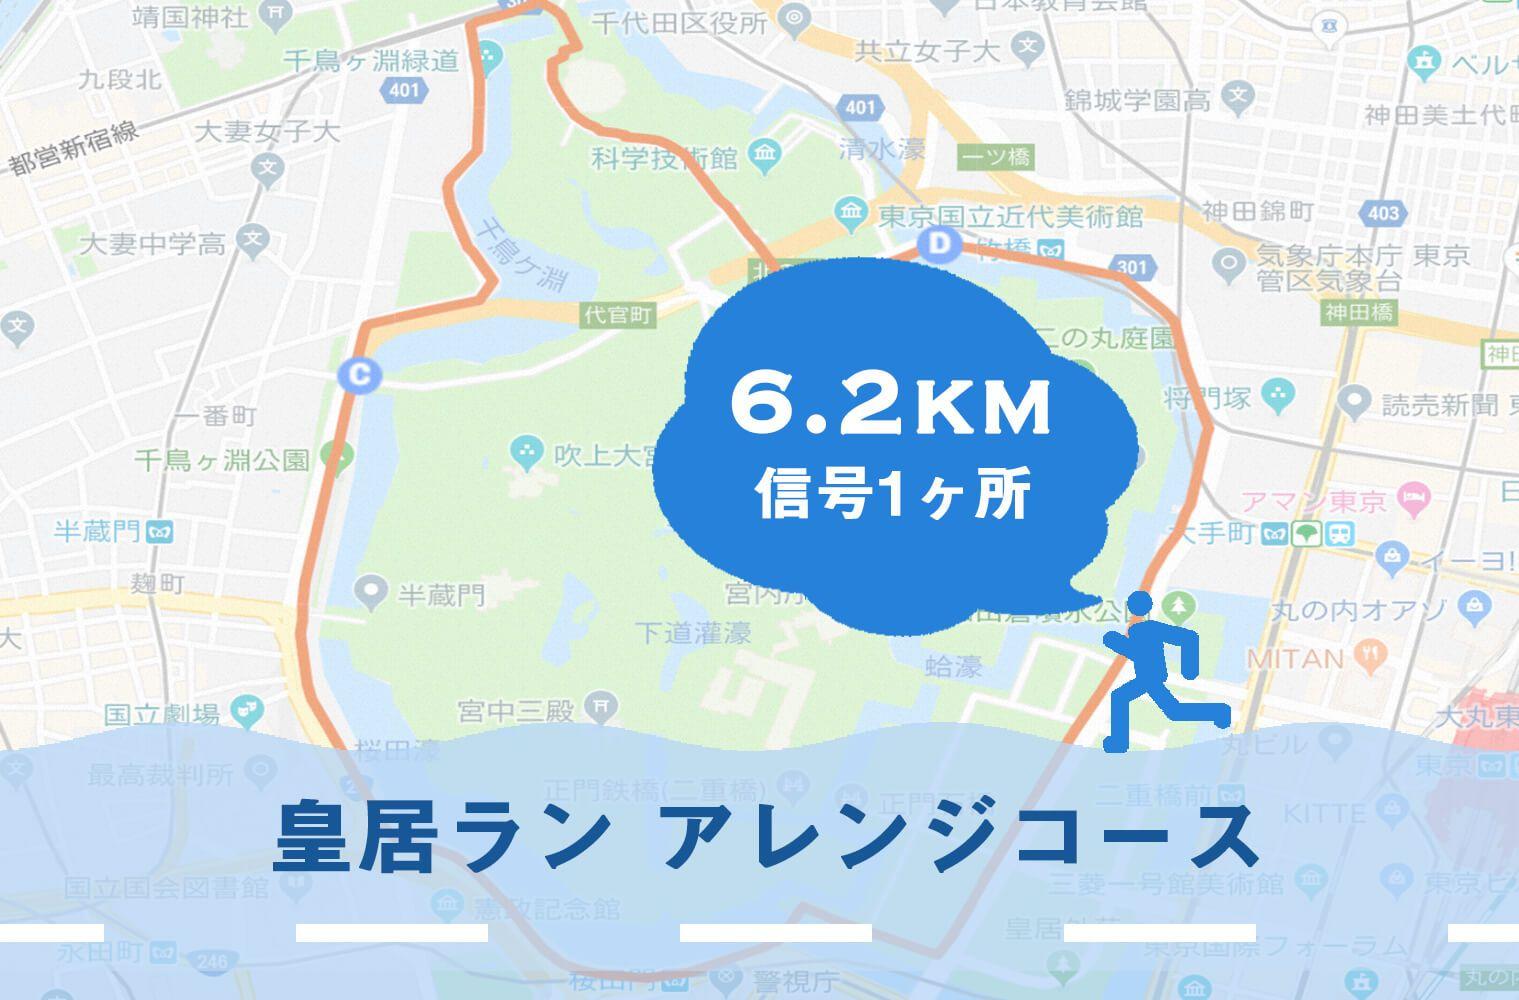 約6.2kmの皇居ラン アレンジランニングコースの写真付きガイド